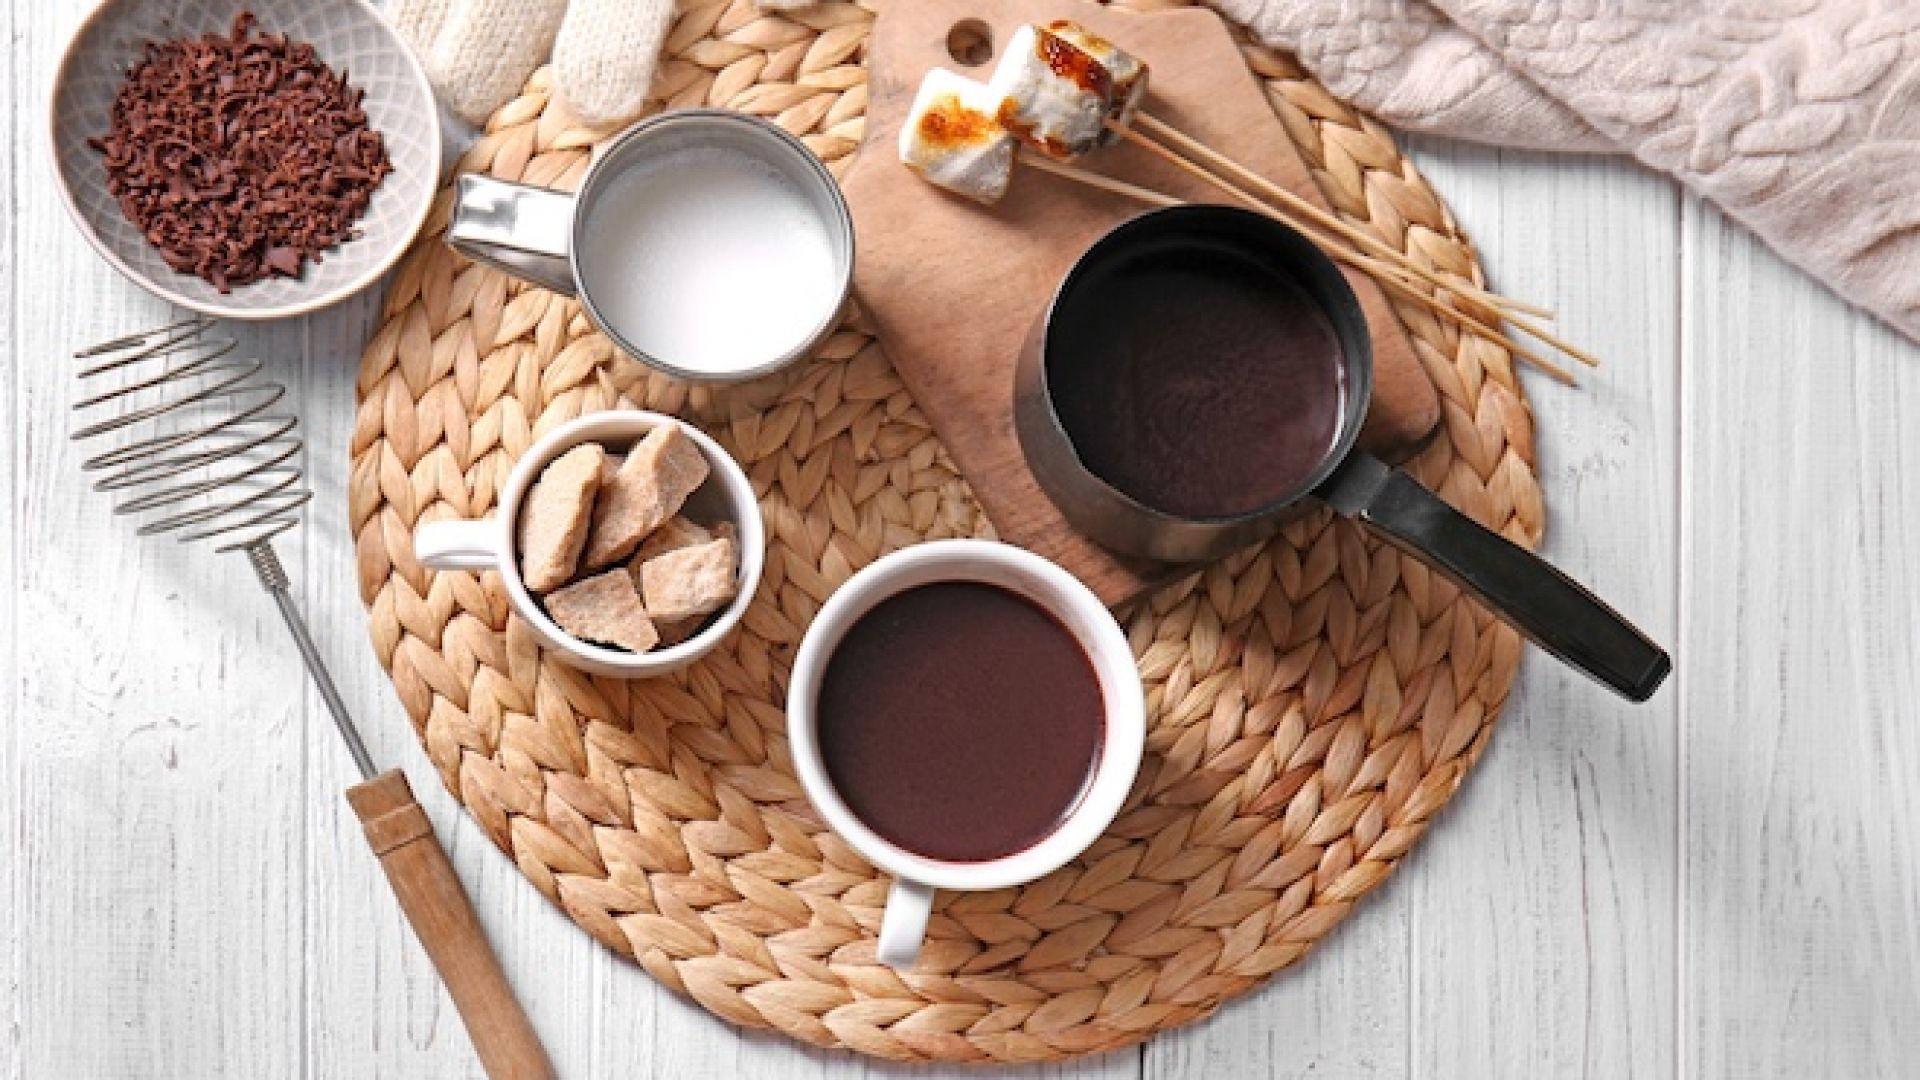 Коя е най-полезната напитка през зимата?